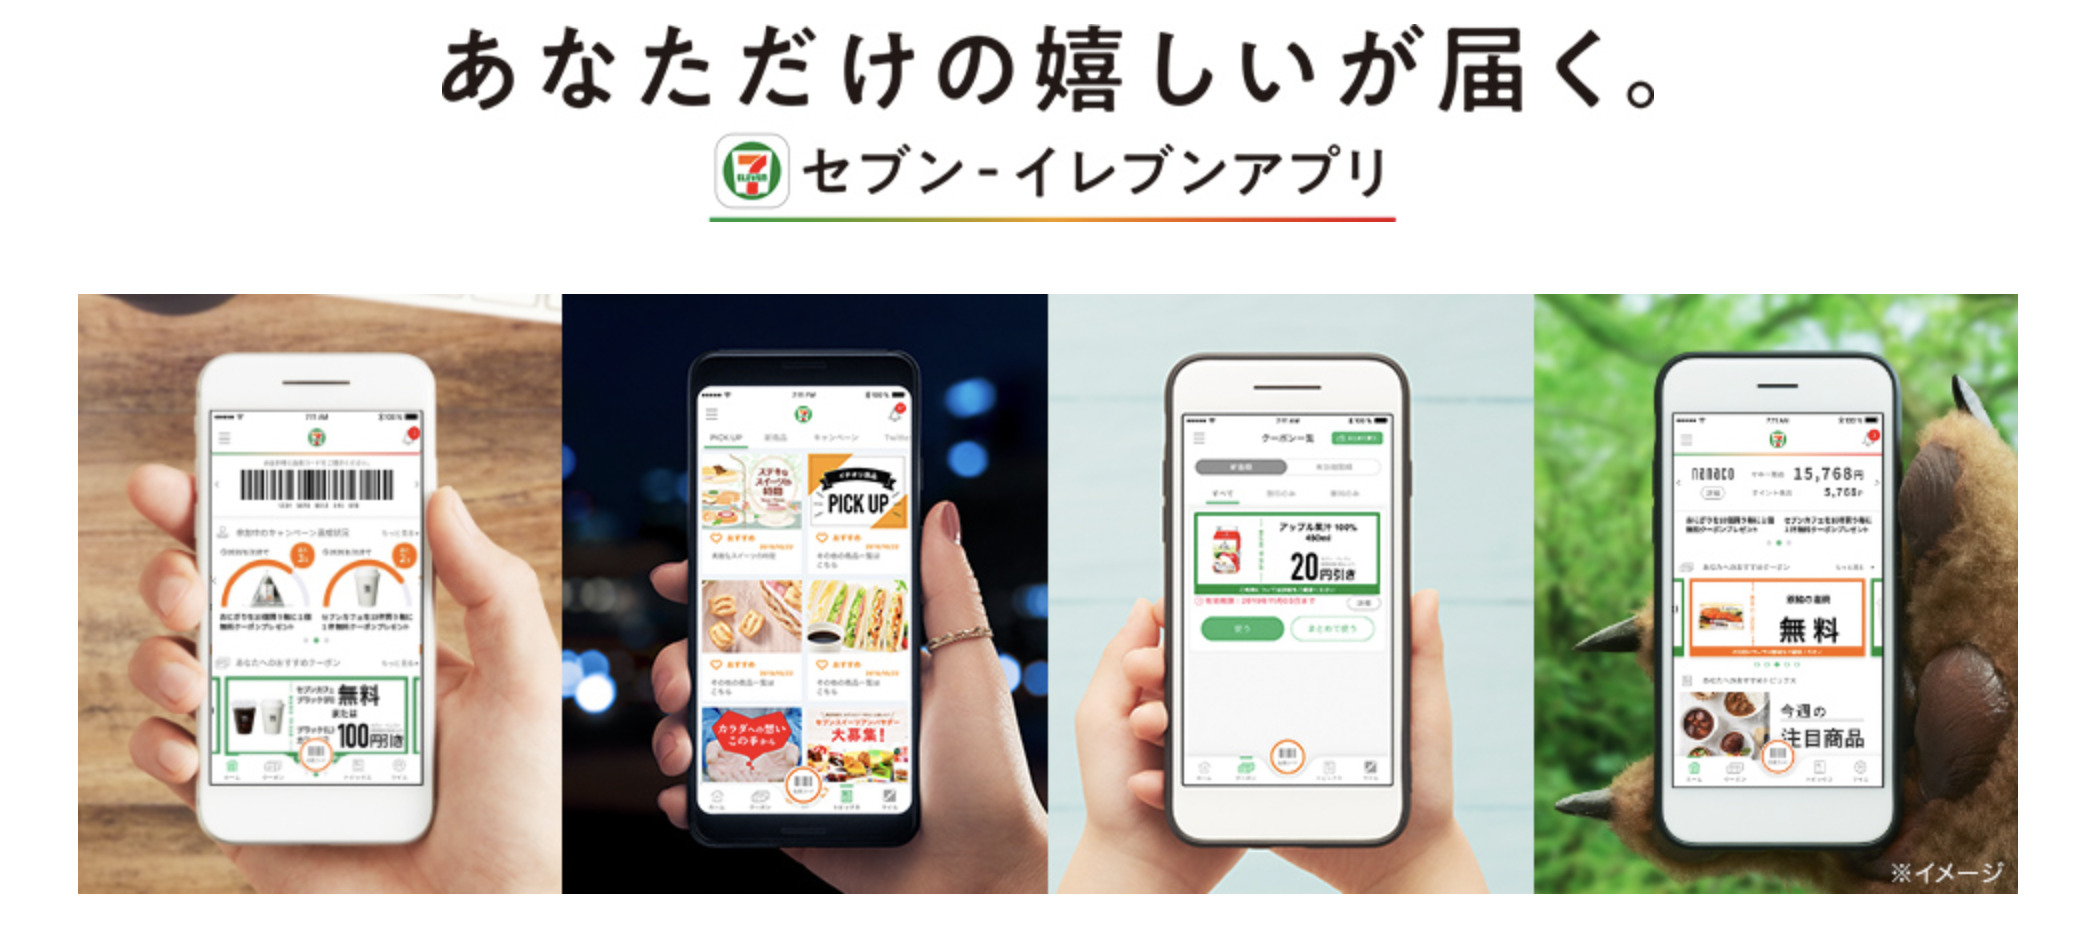 セブンイレブンネットコンビニのアプリはある?